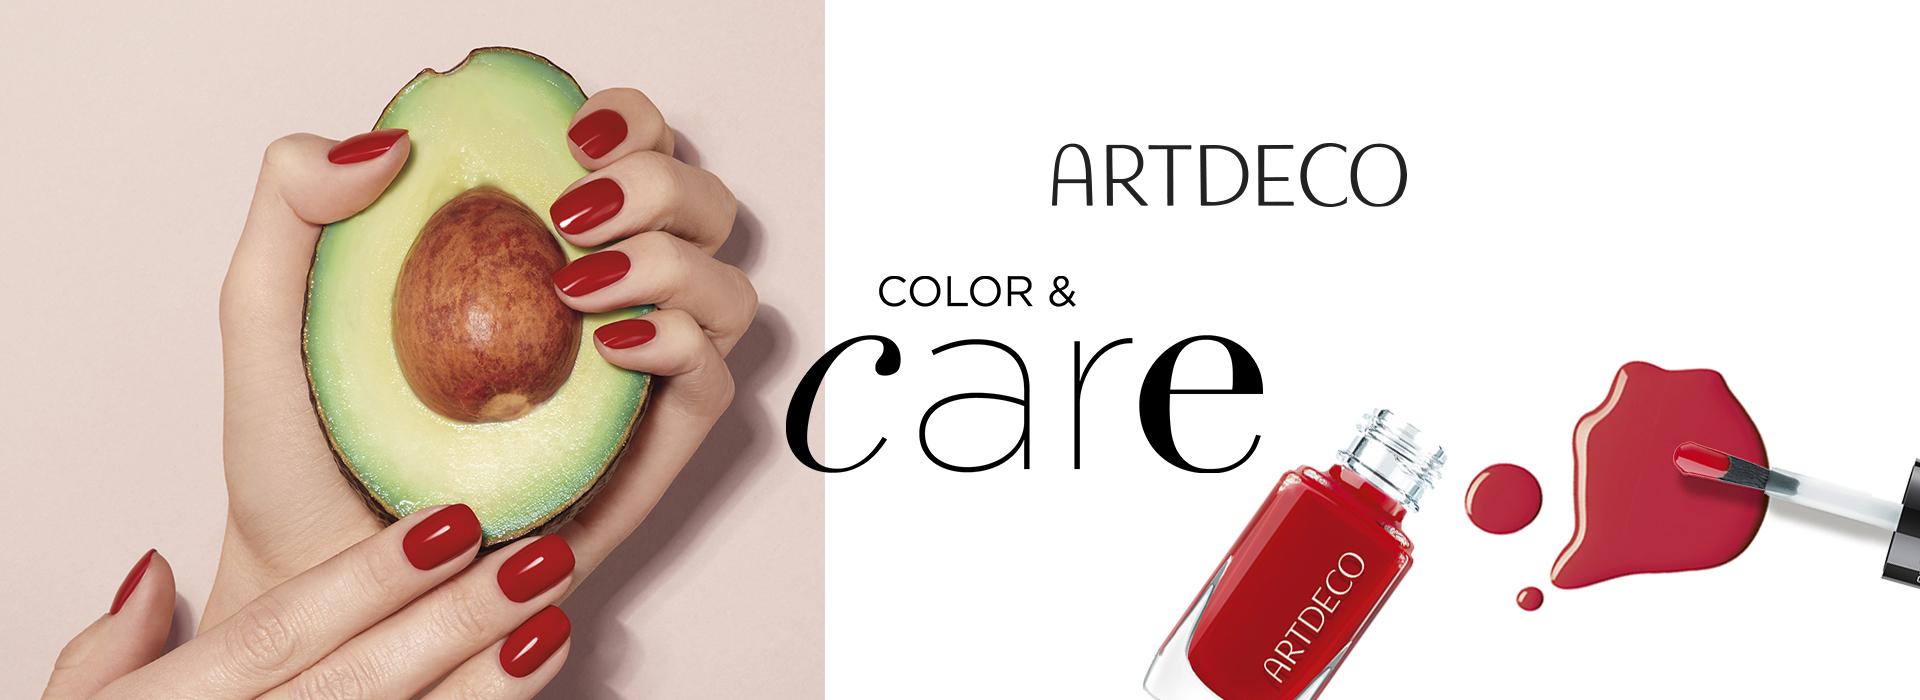 ARTDECO_2018_kynsilakat_color_care